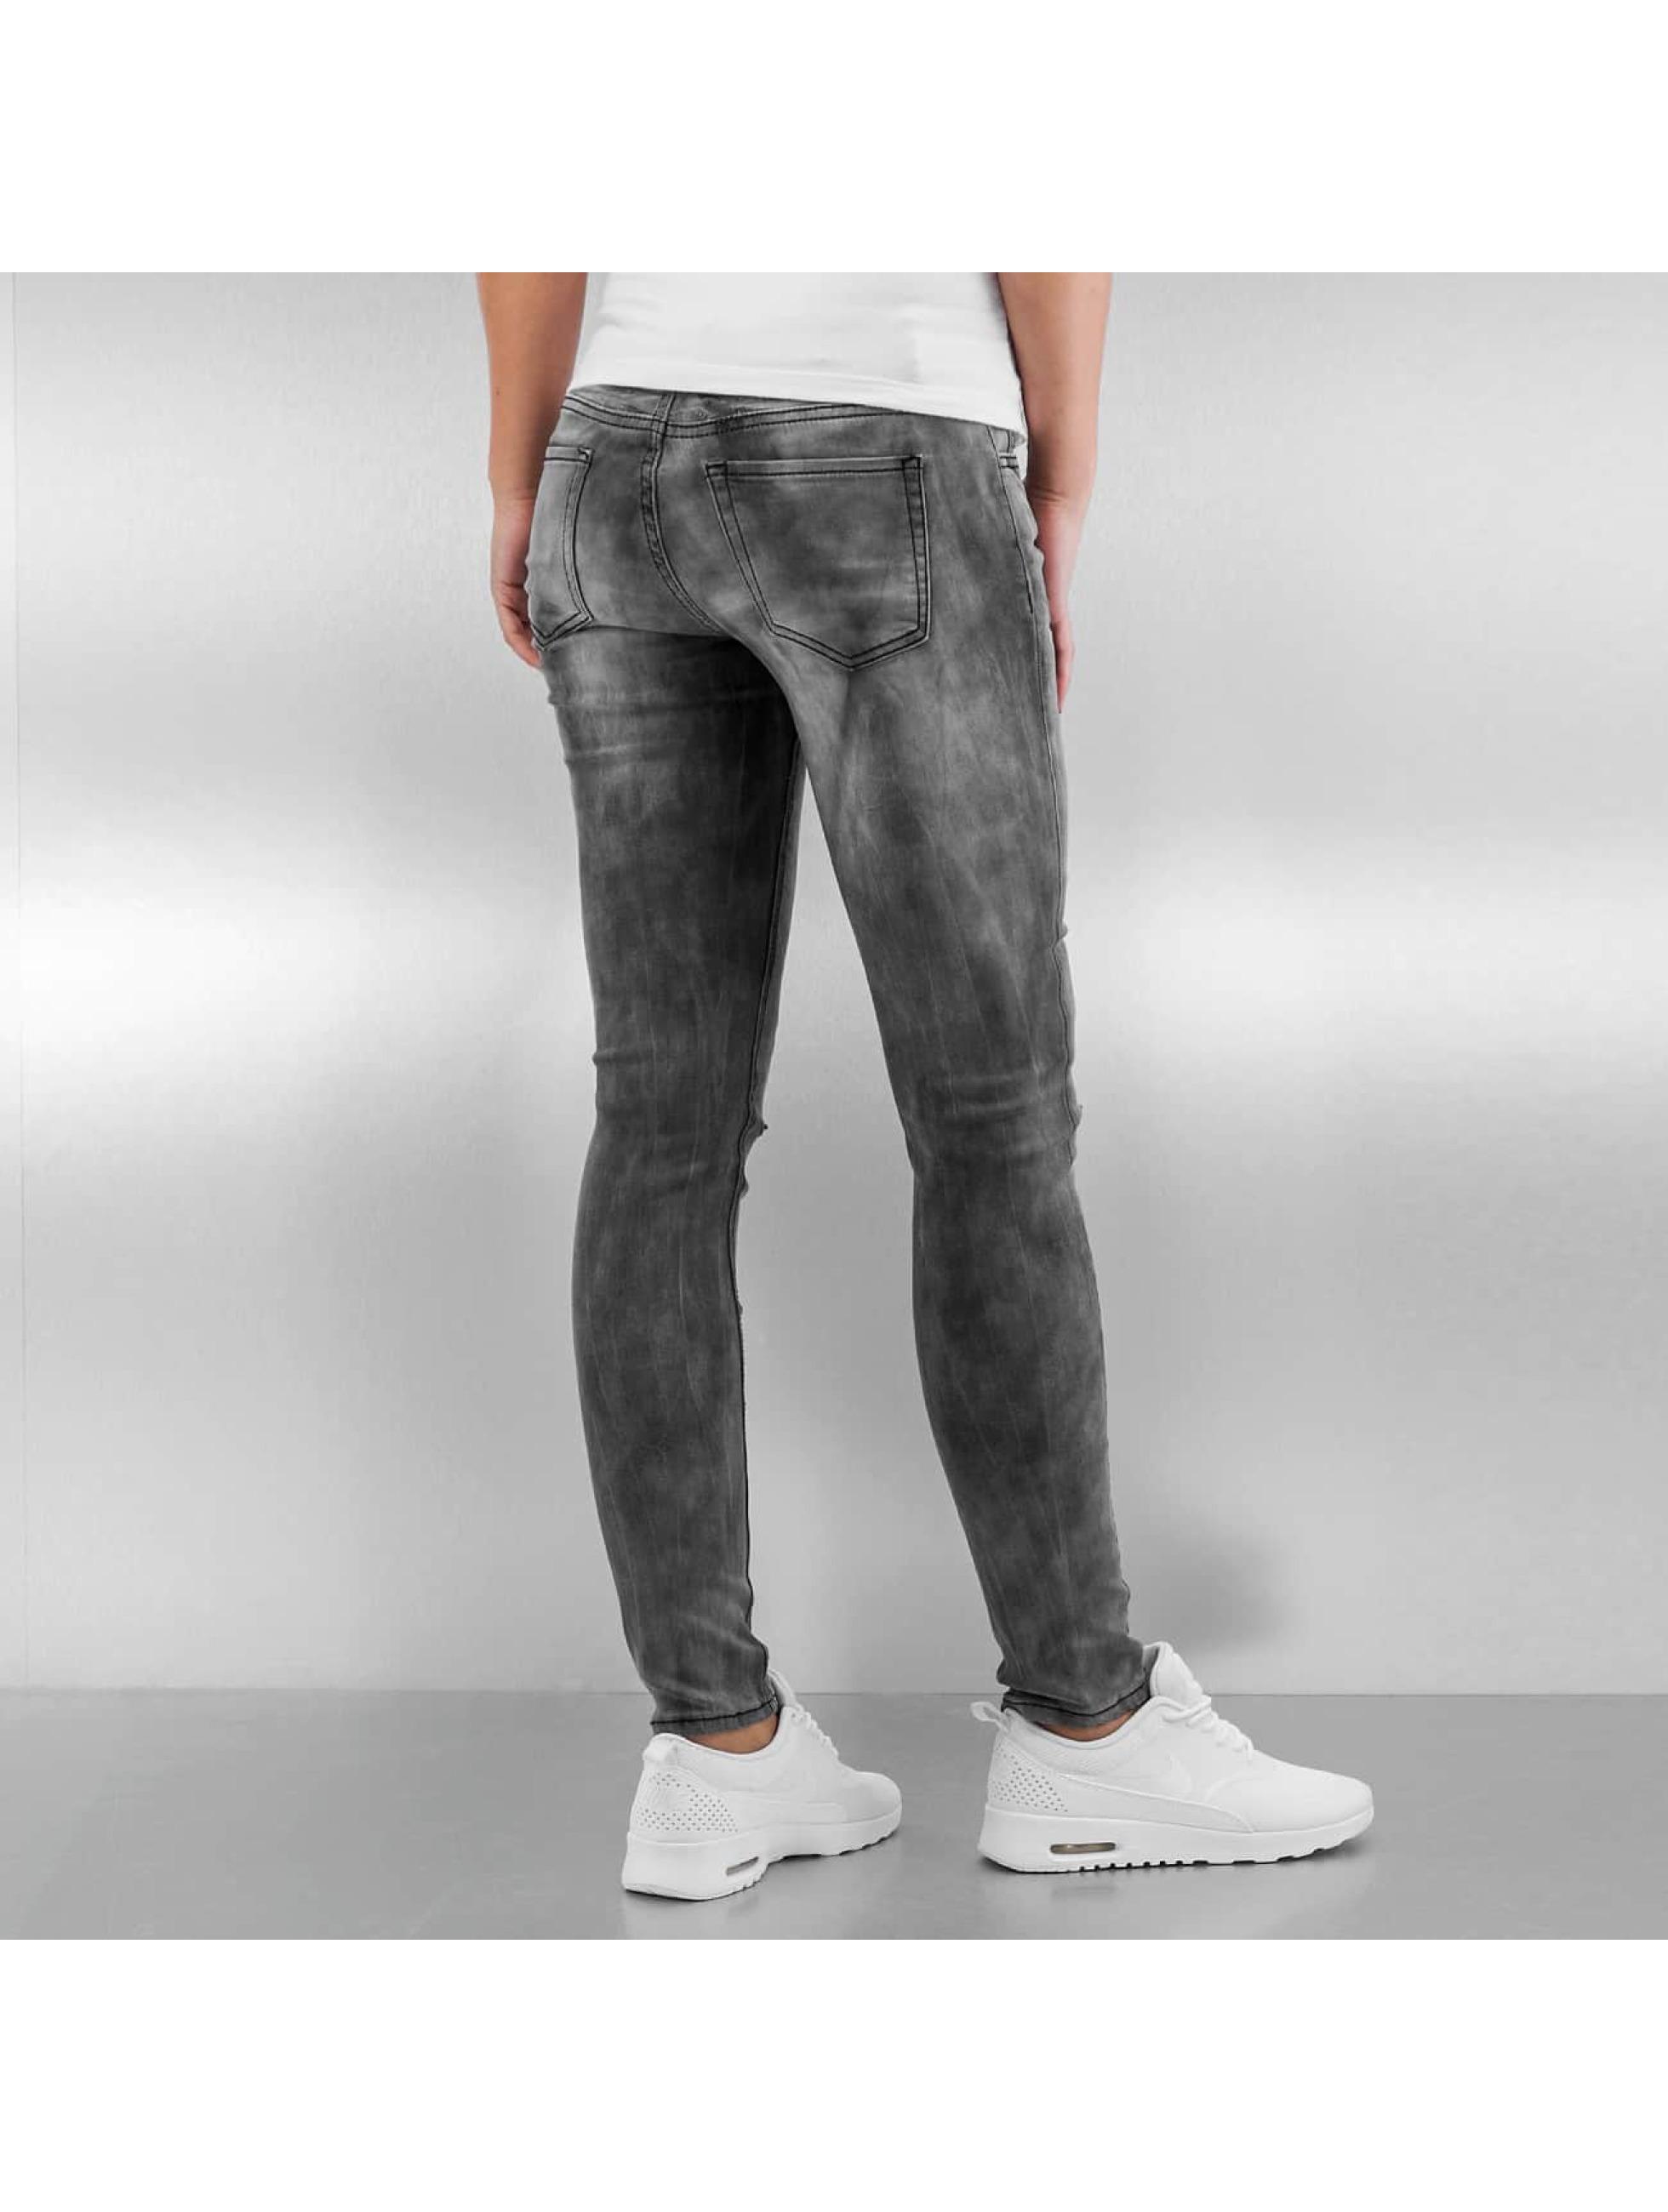 Sixth June Облегающие джинсы Tie and Dye серый